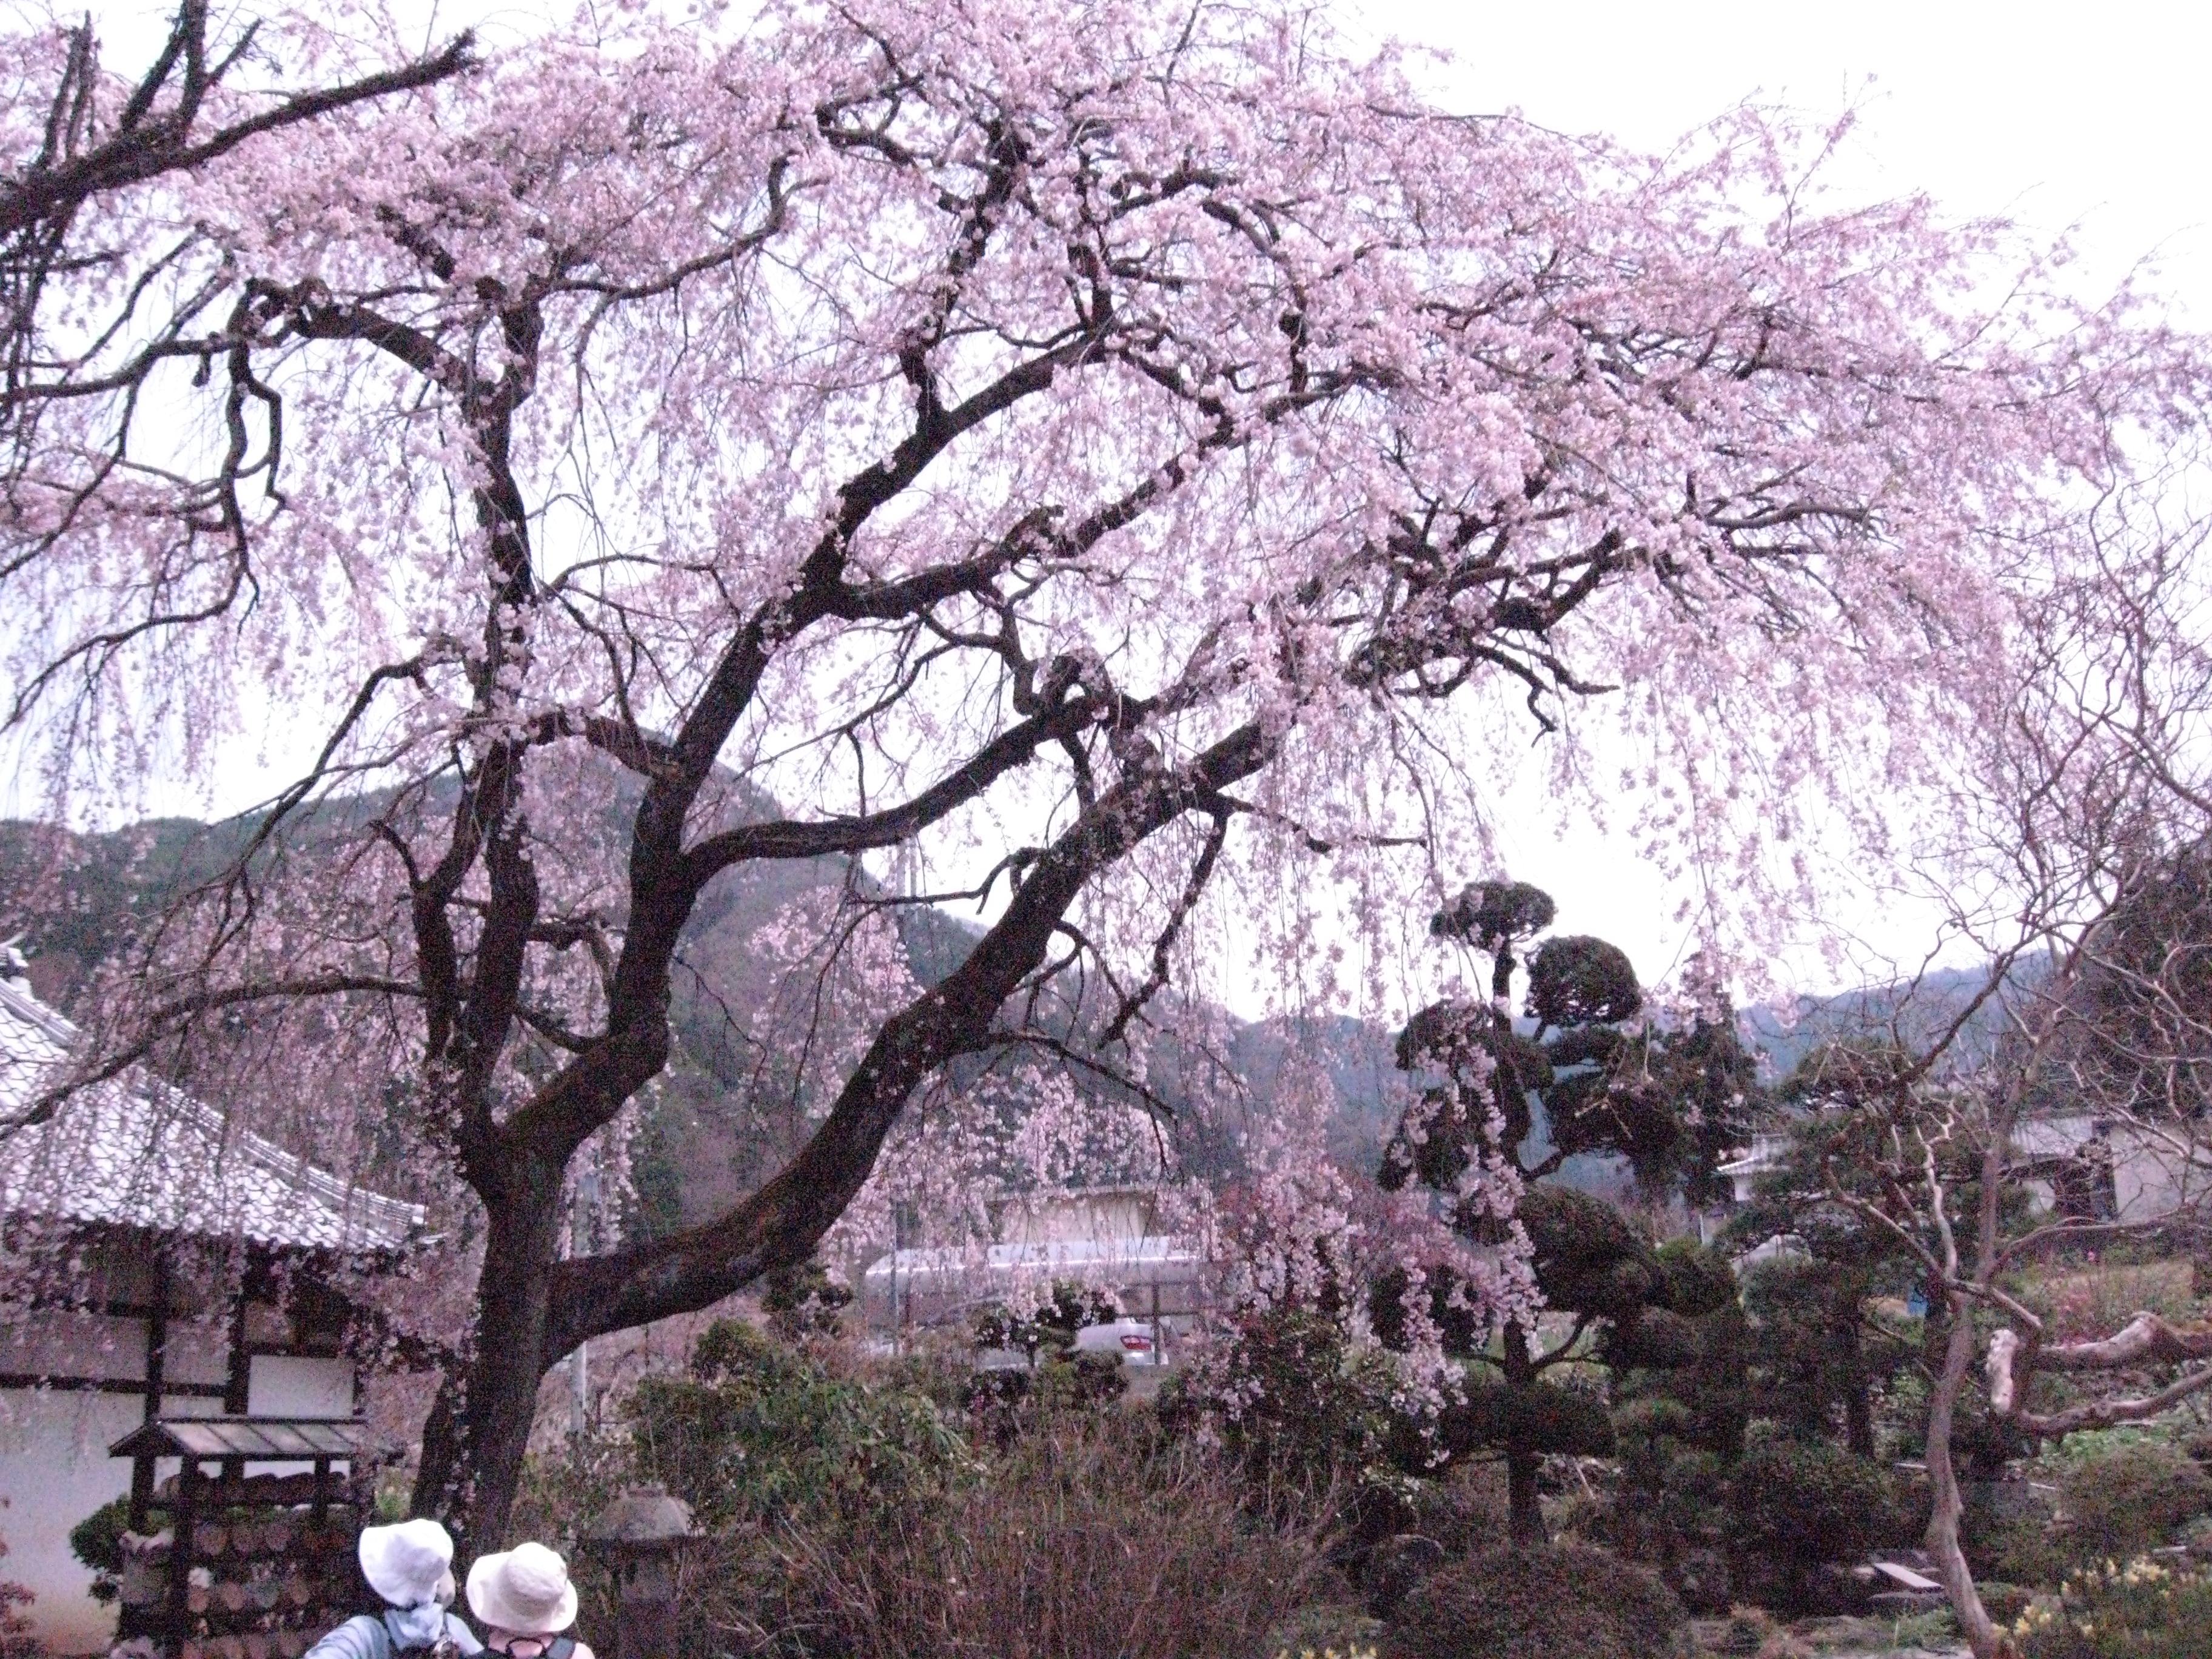 真田家ゆかりの古寺と桜めぐり ※終了しました。